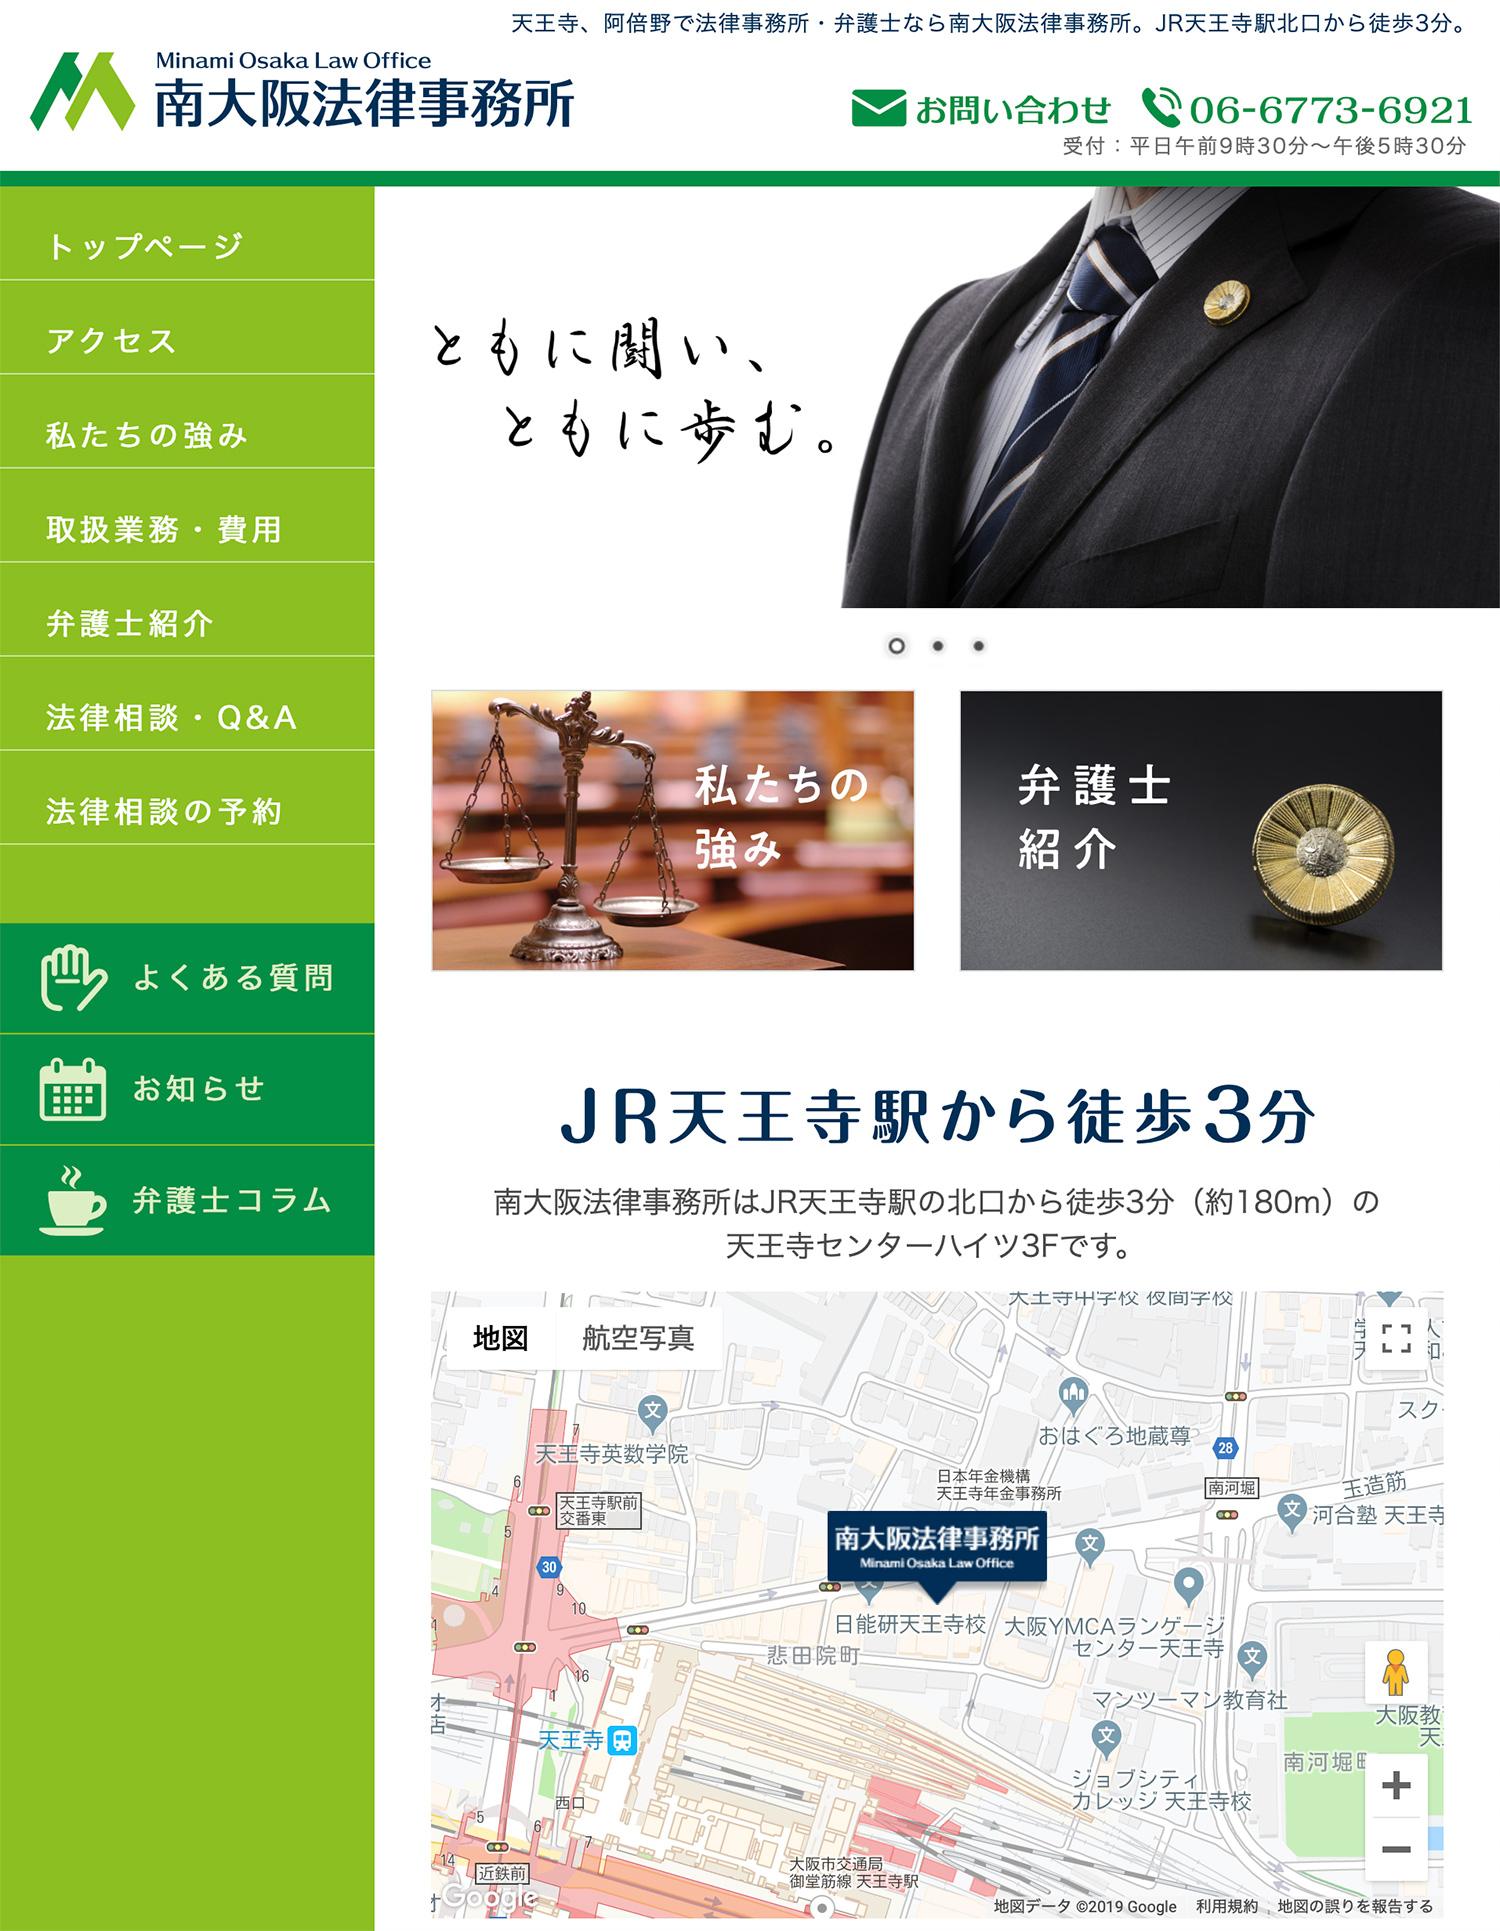 南大阪法律事務所ホームページ-パソコン